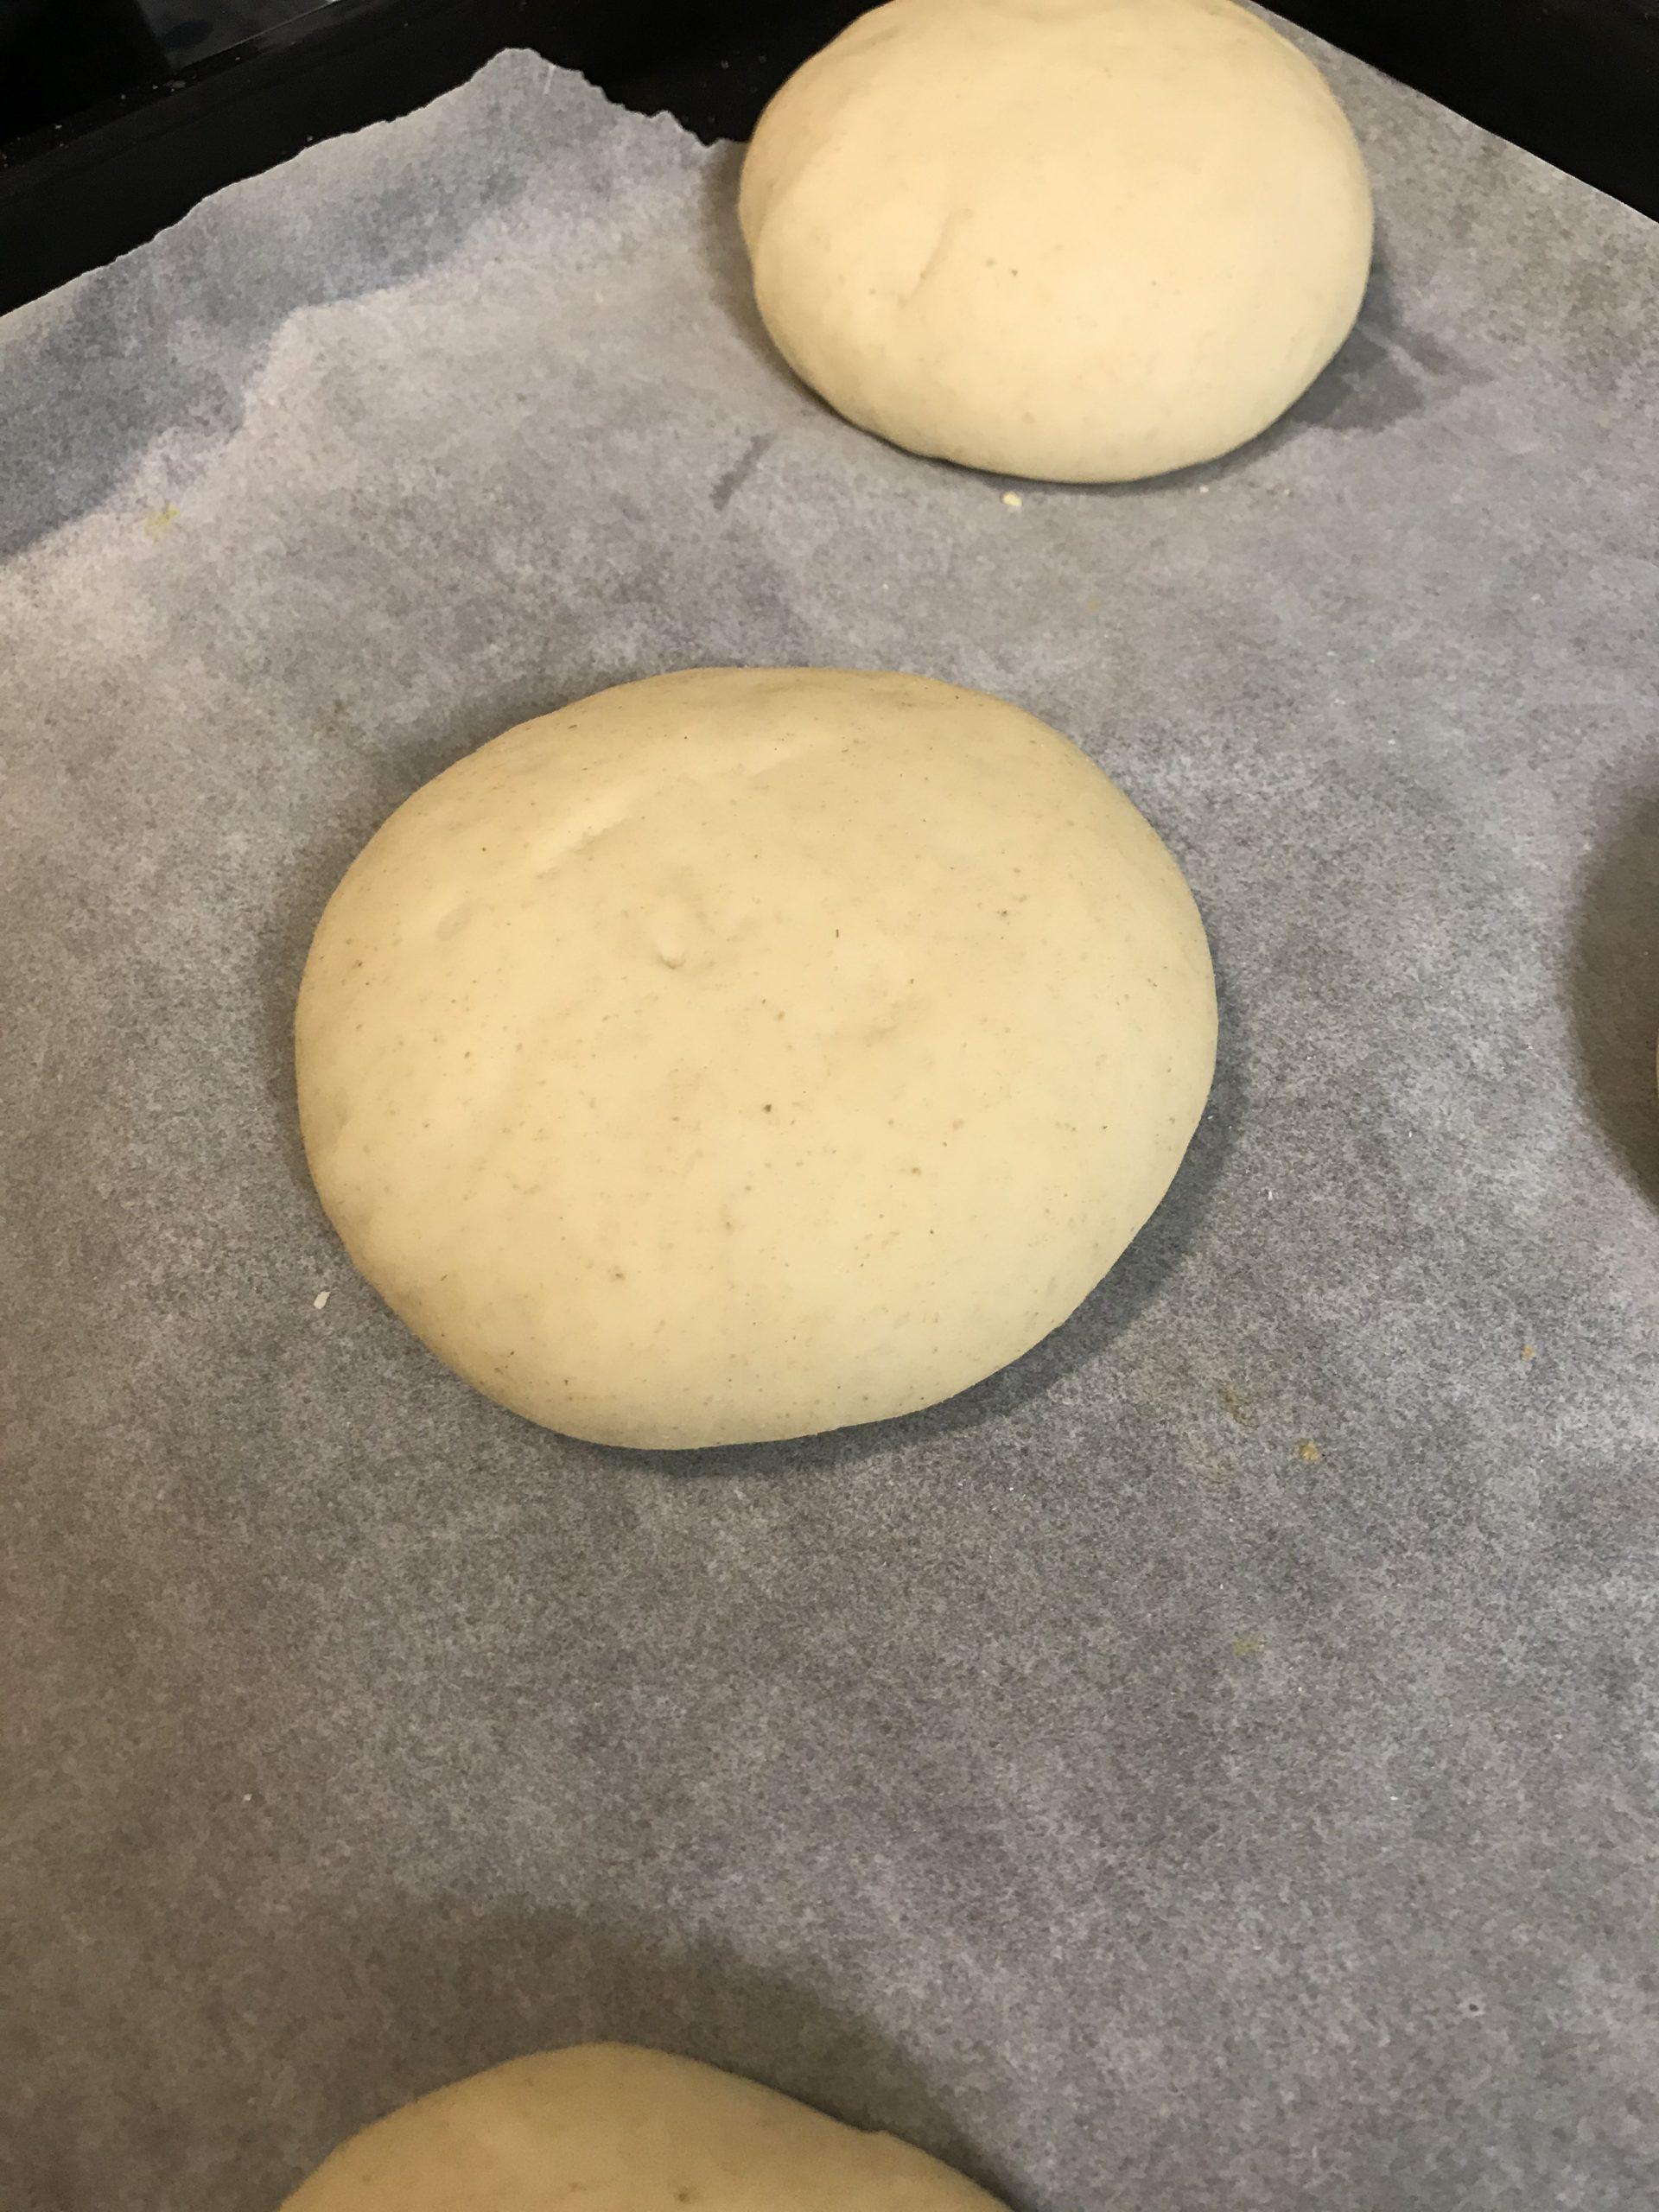 Pâtons pain yaourt maison